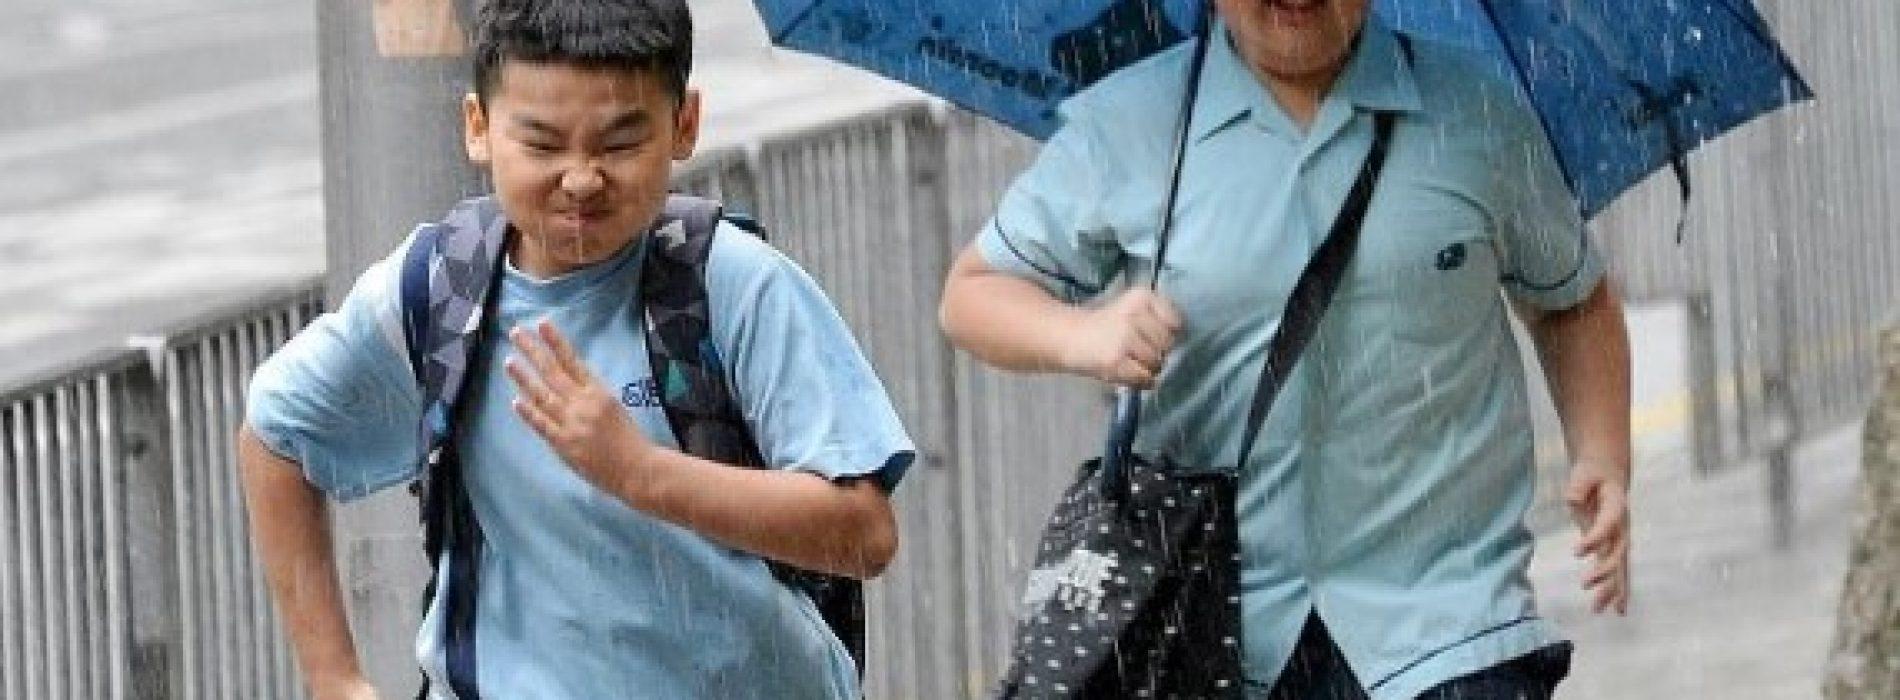 開學日起一連6日落雨 學生哥返學記得帶遮